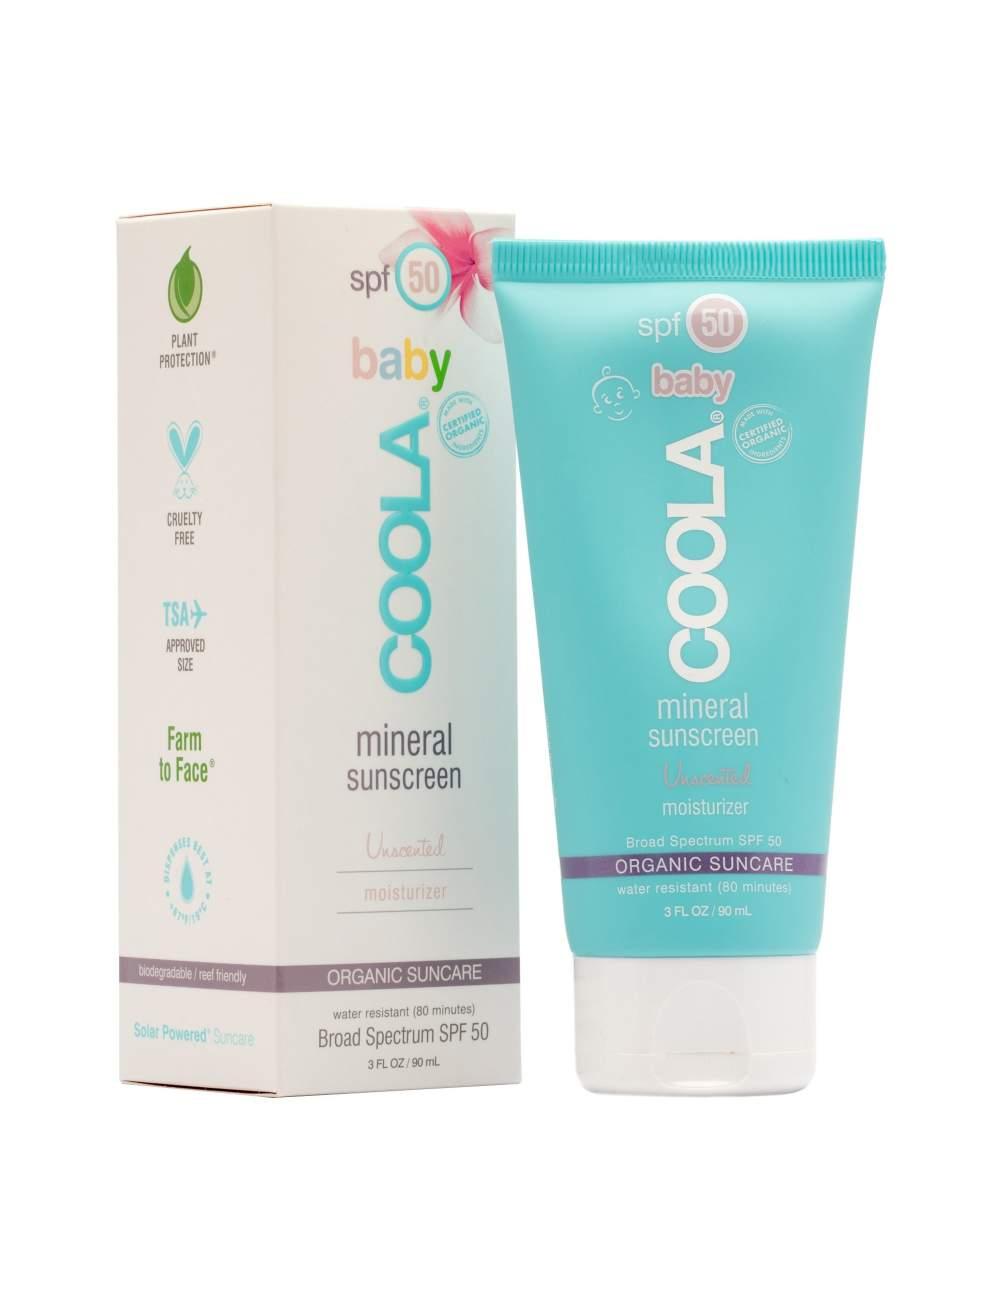 Crema de Protección Solar Orgánica para Bebés SPF 50 Unscented. Mineral. Coola